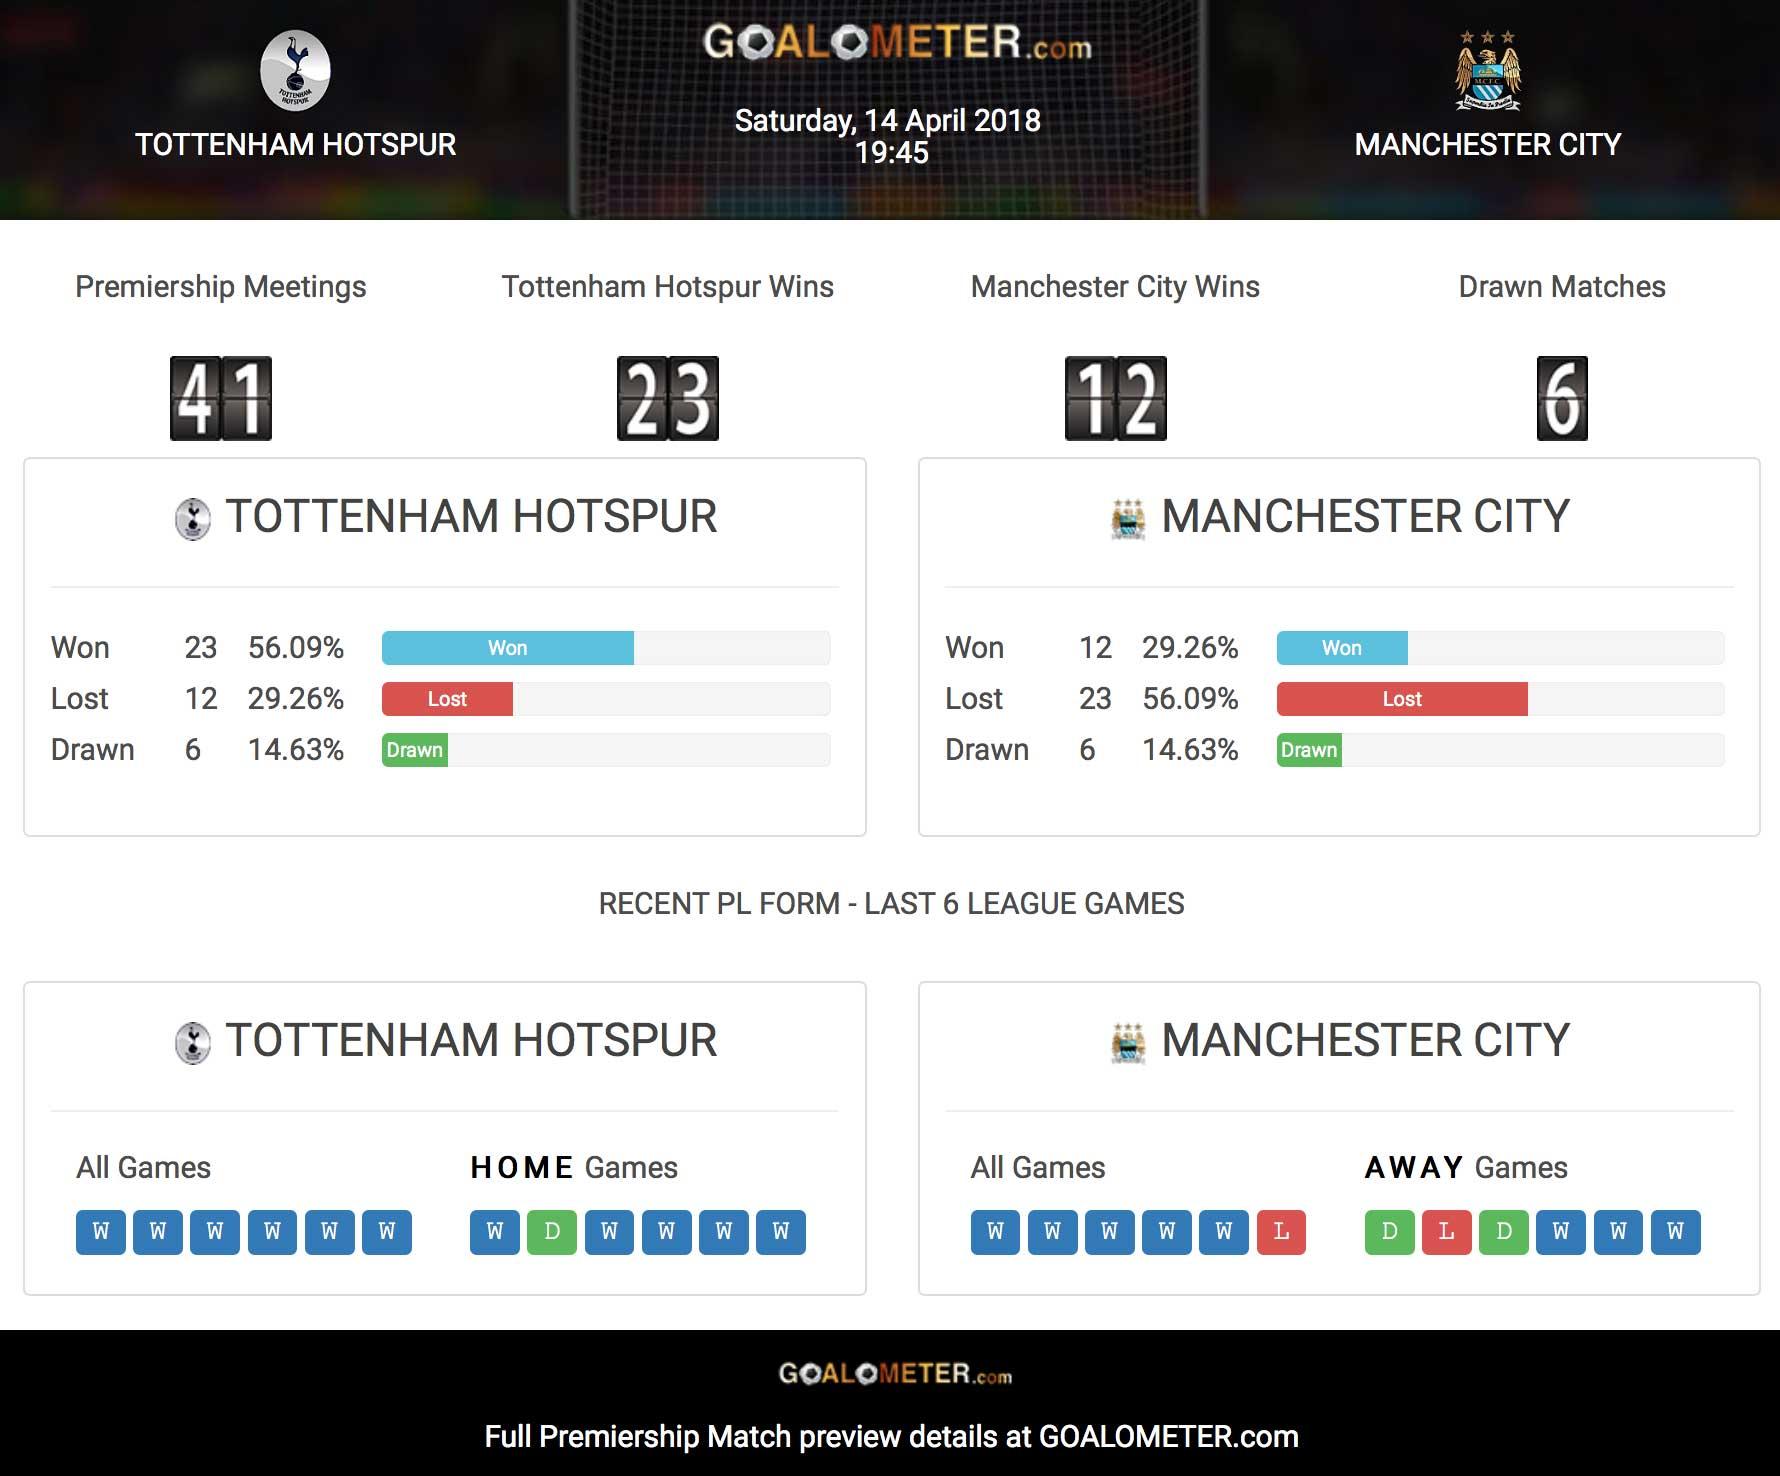 2018-04-14-Tottenham-Hotspur-vs-Manchester-City.jpg